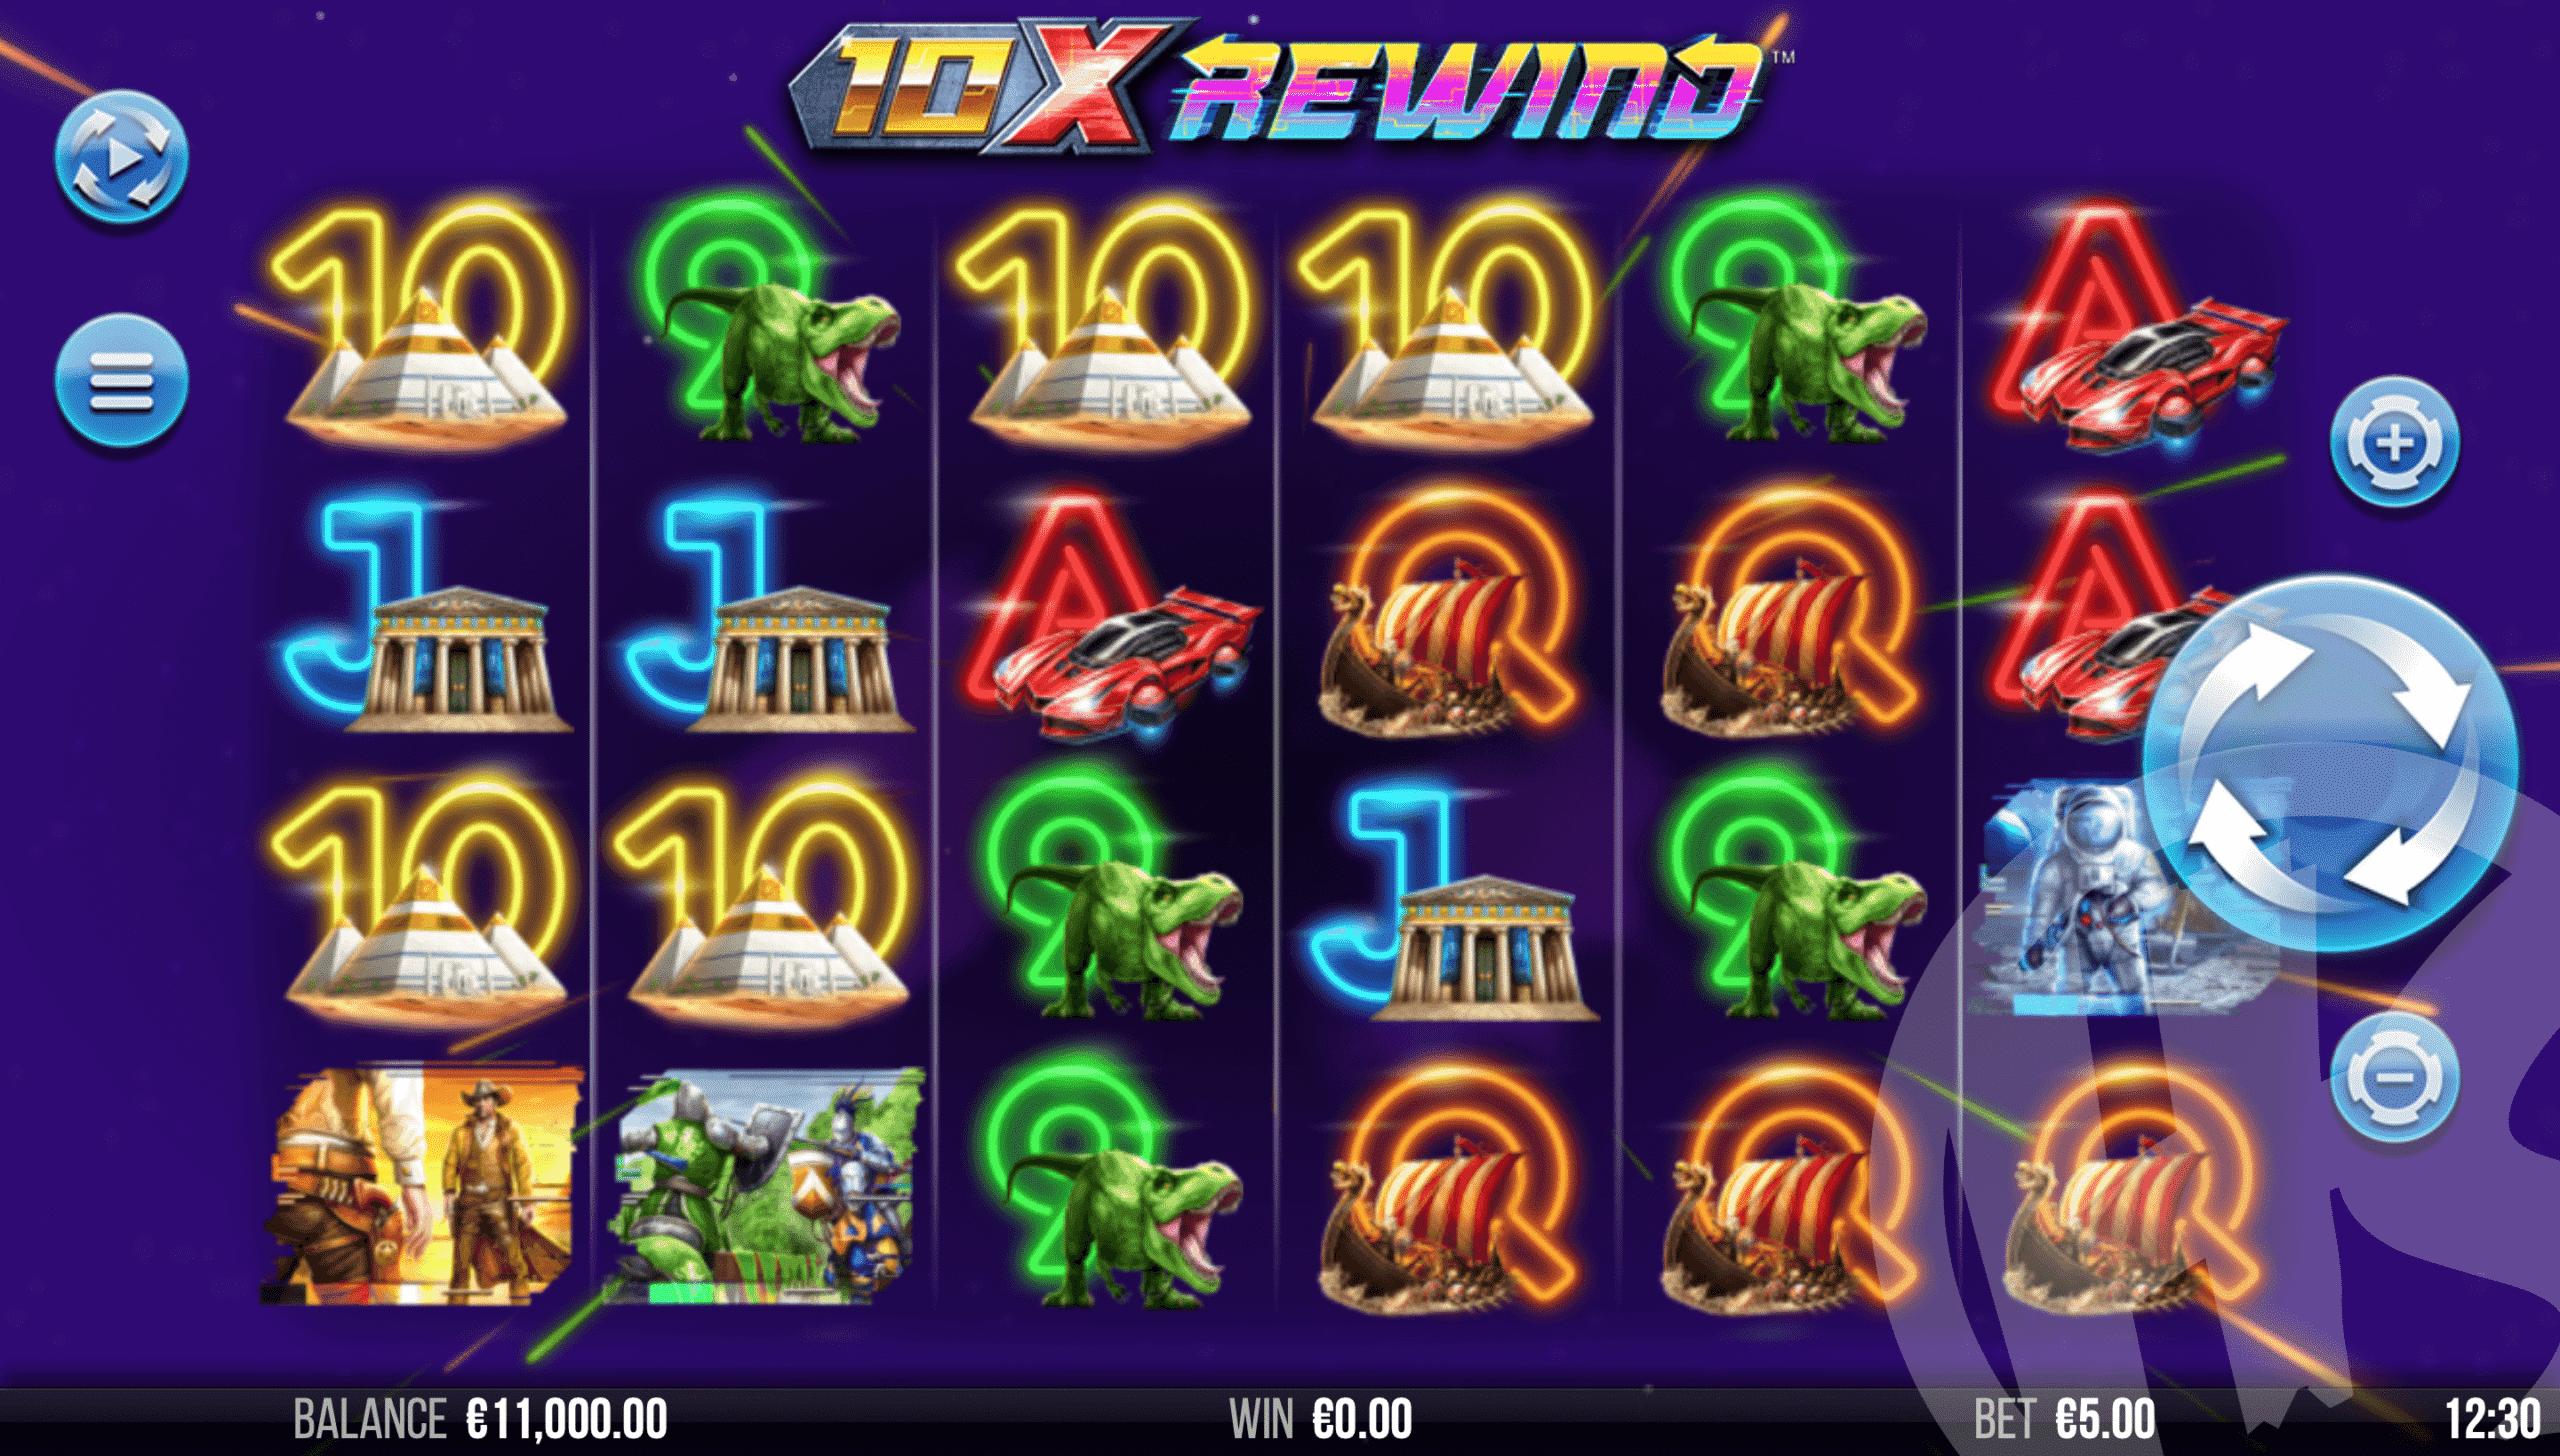 10x Rewind Base Game